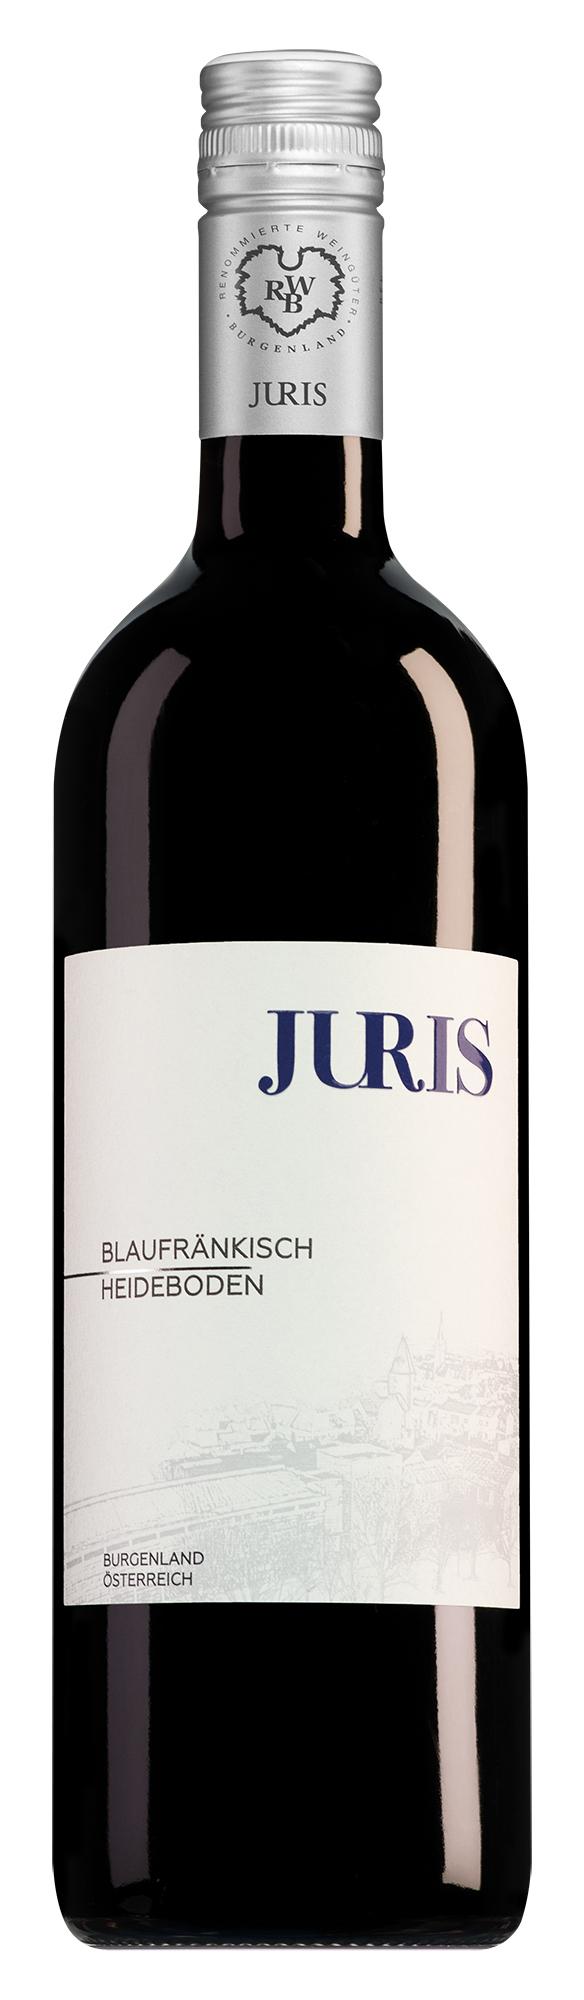 Weingut Juris Burgenland Heideboden Blaufränkisch